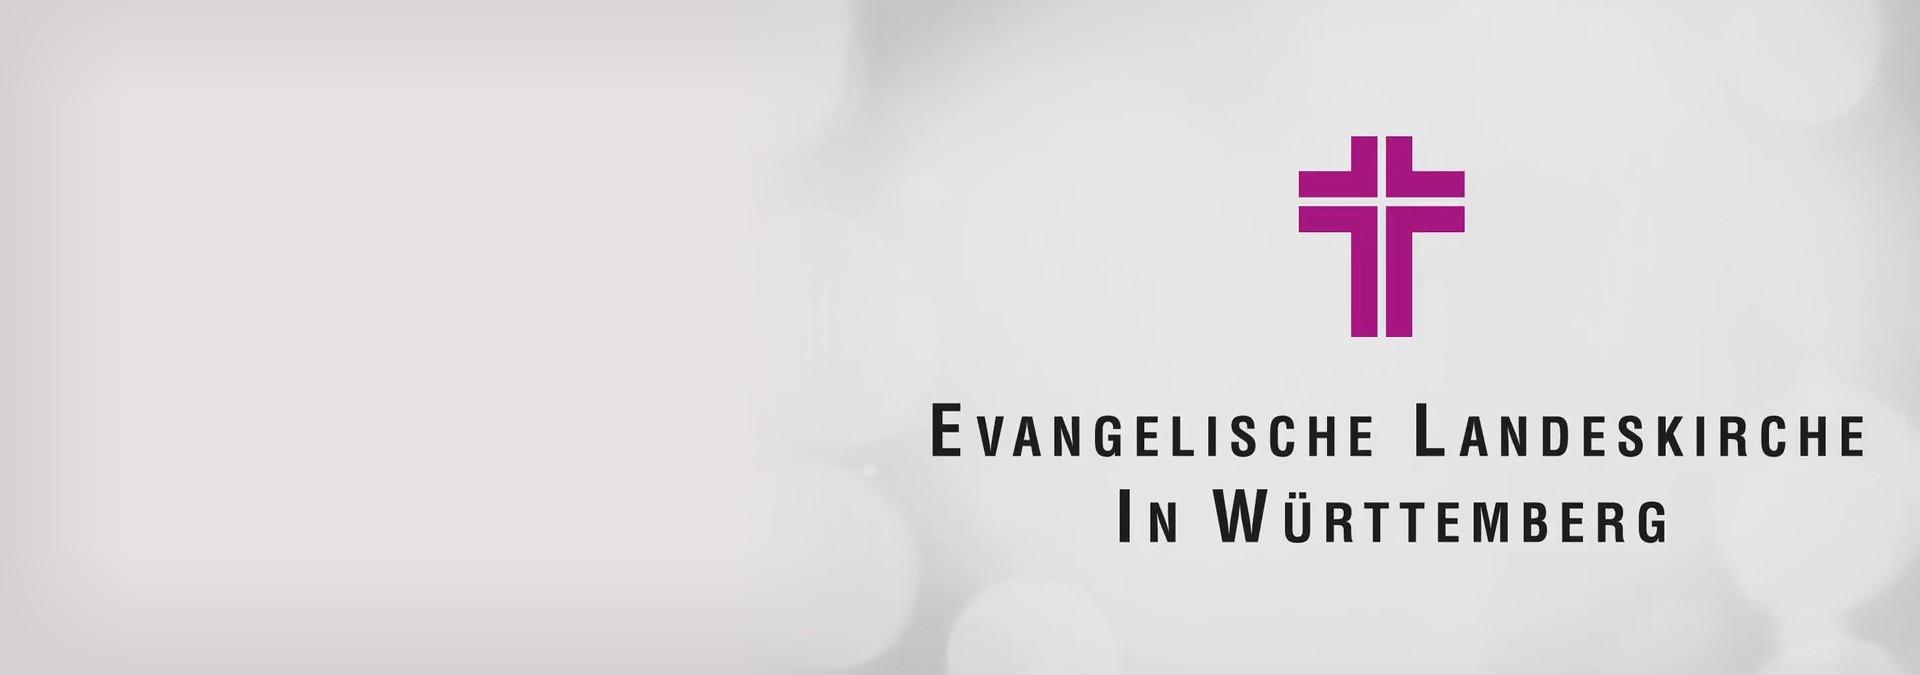 Gottestdienst der evangelischen Landeskirche